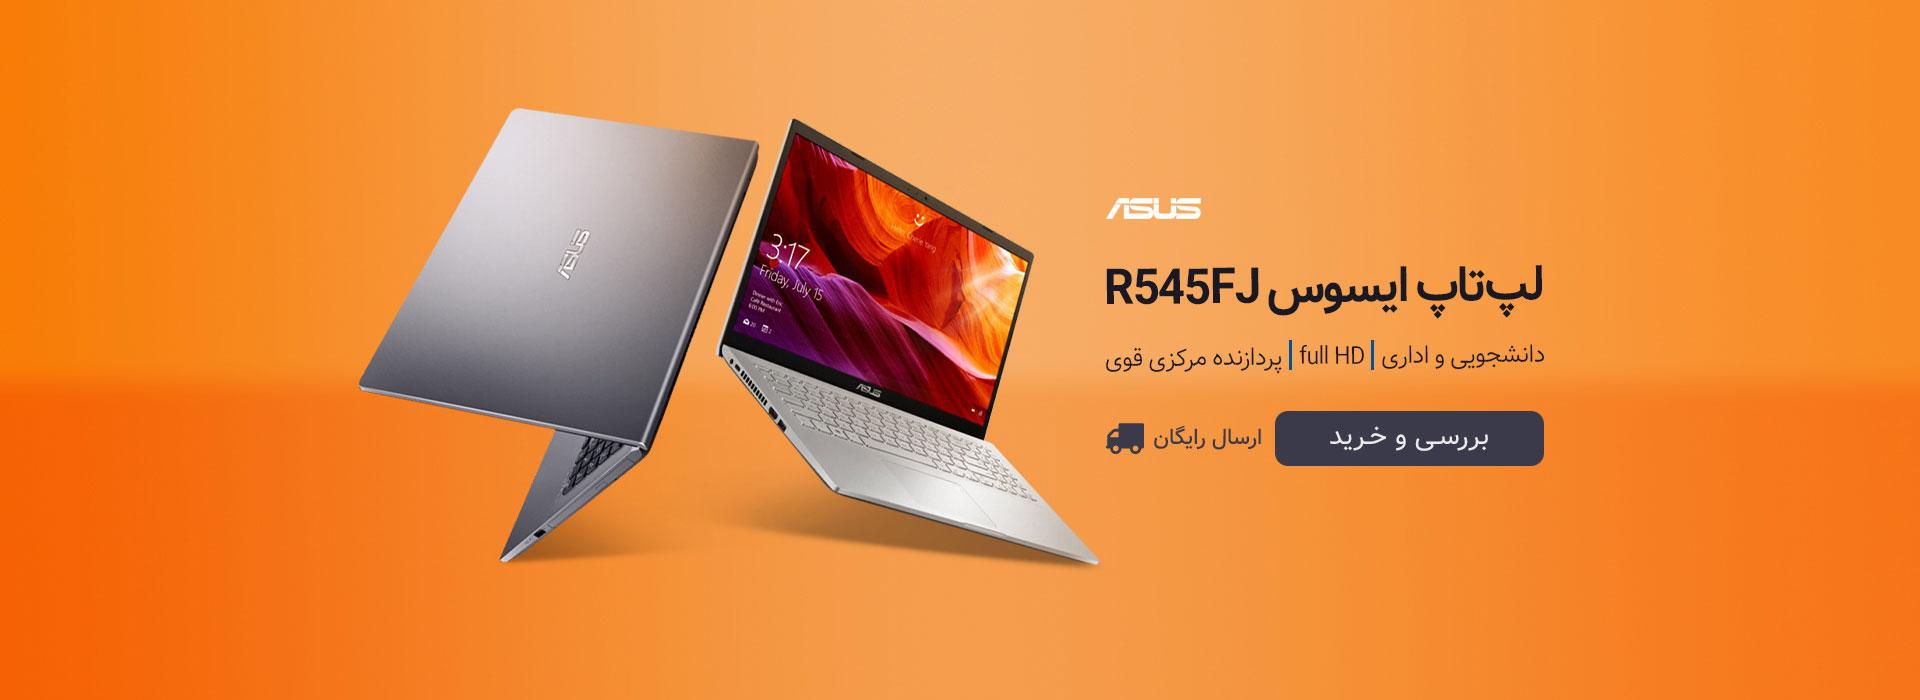 لپ تاپ 15.6 اینچ Asus مدل R545FJ